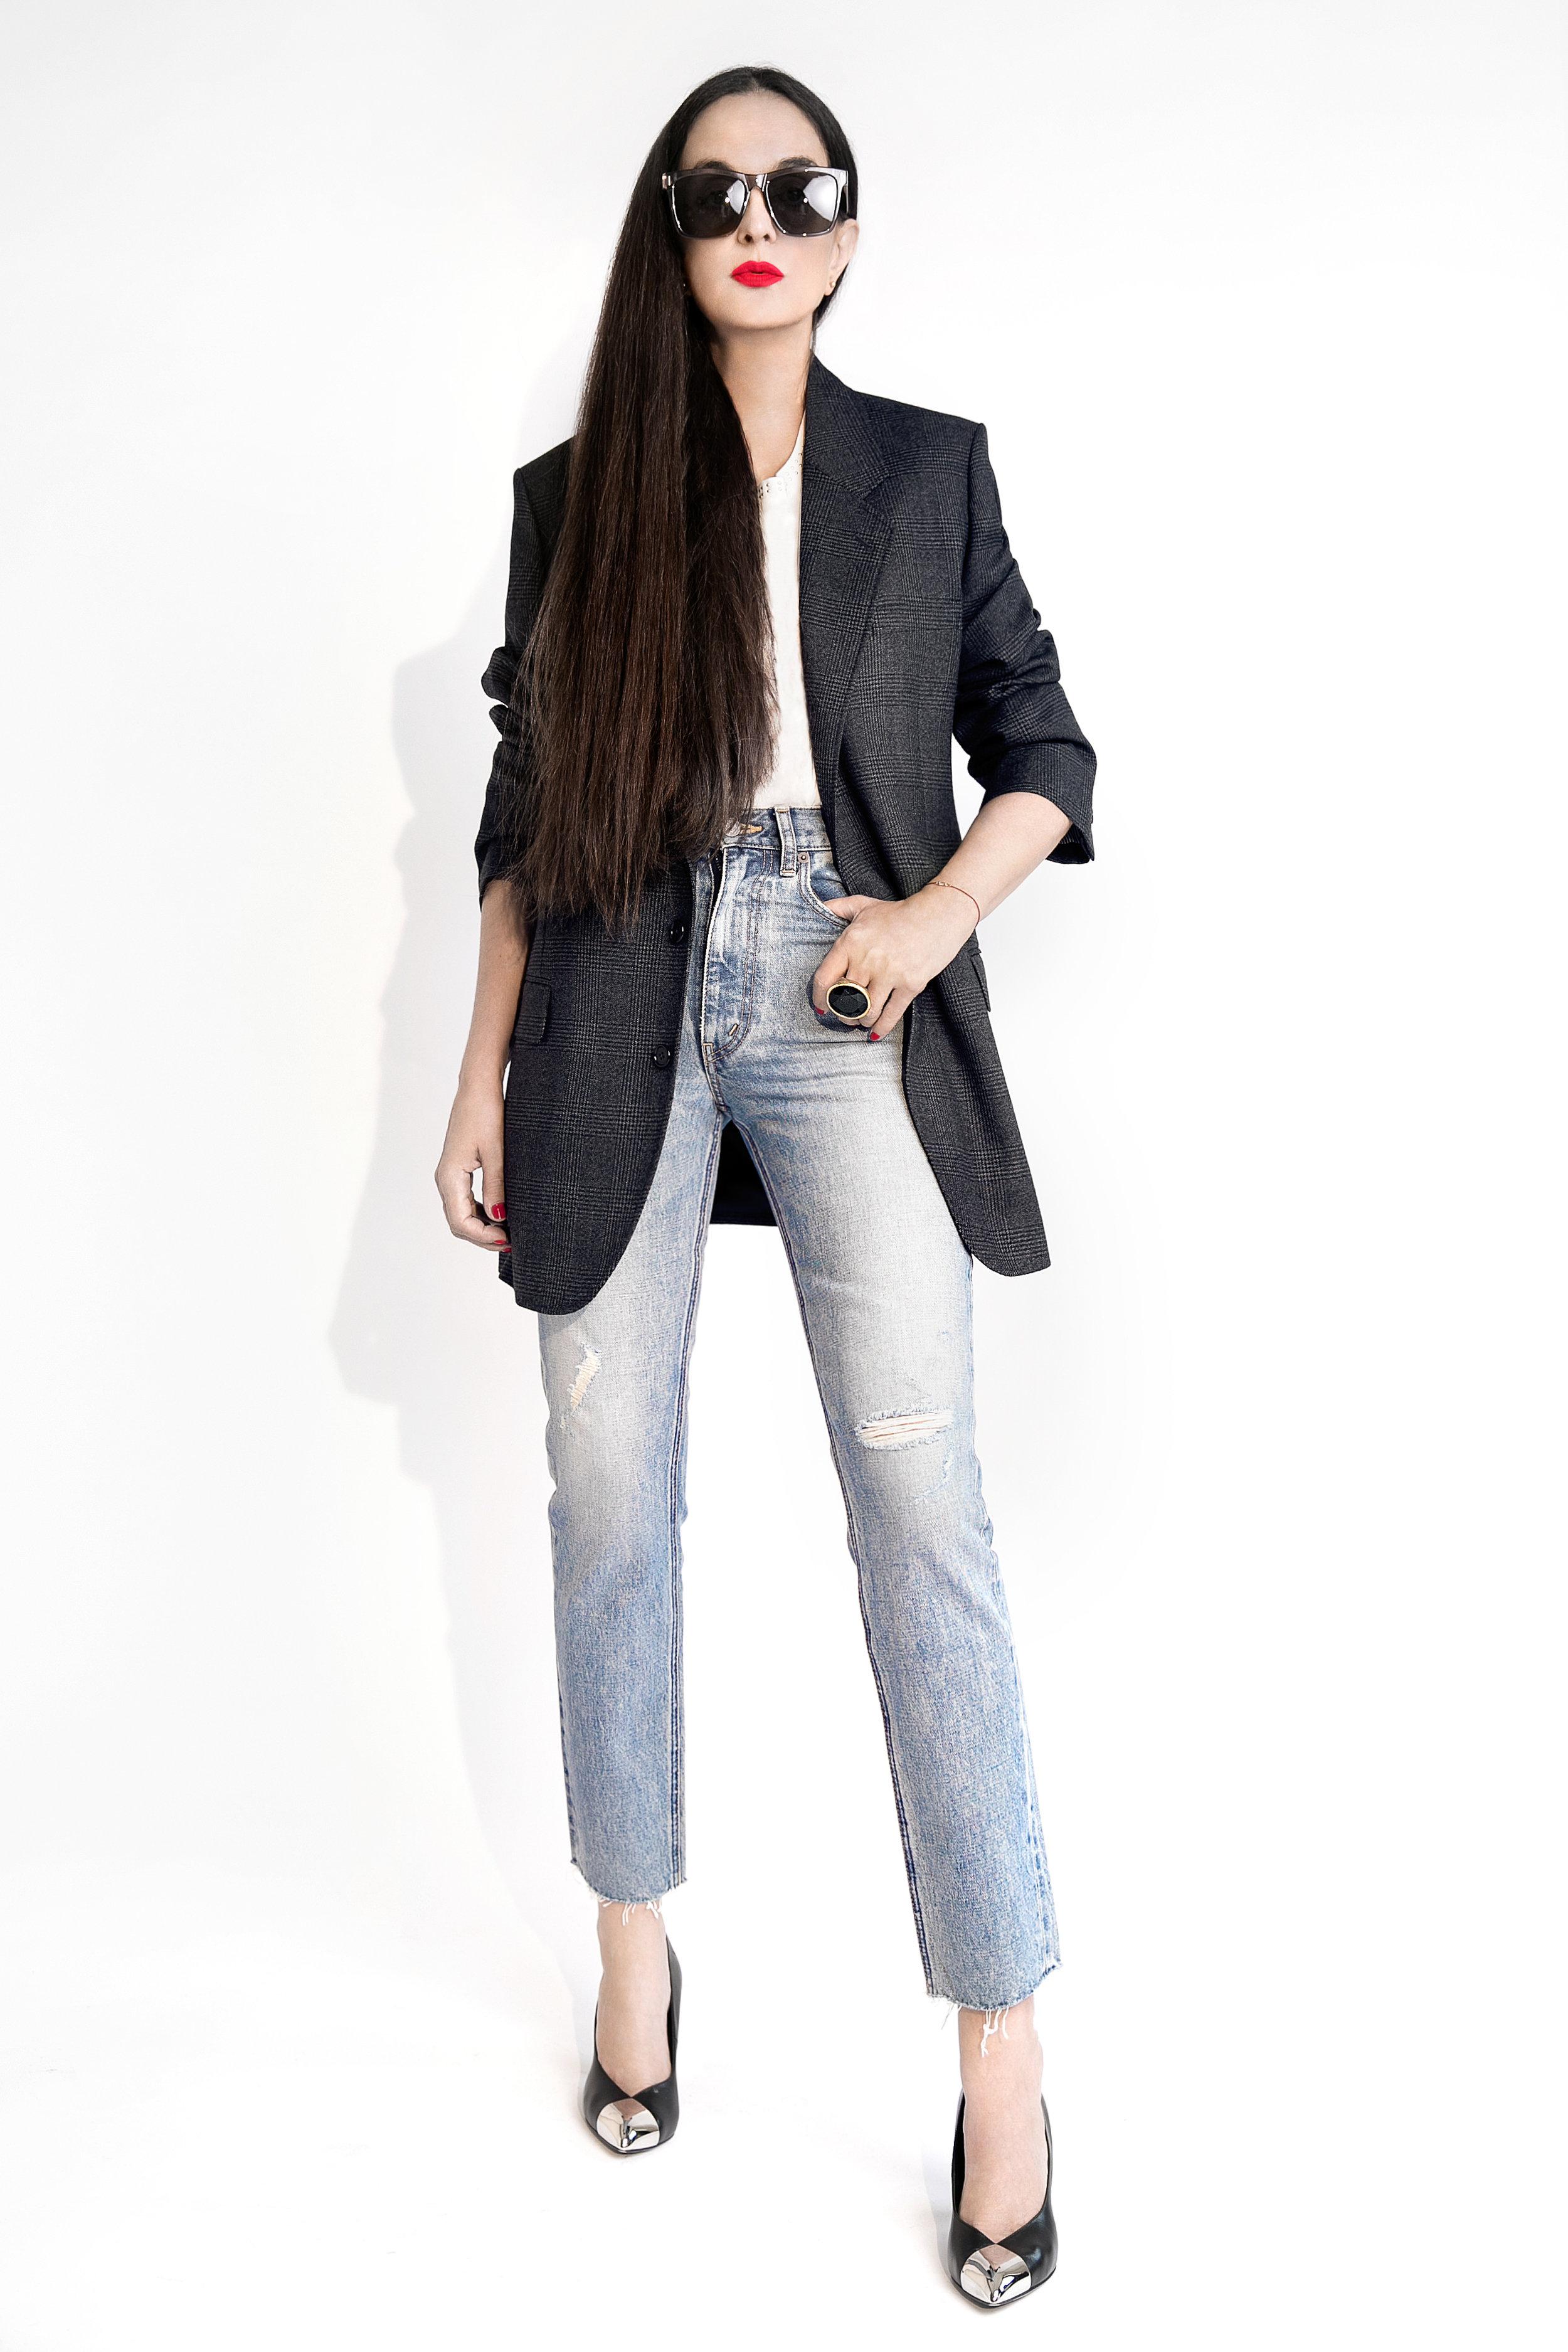 Blazer, jeans and shoes Céline, Sunglasses Luxureyes_ . Photo  Lena Di